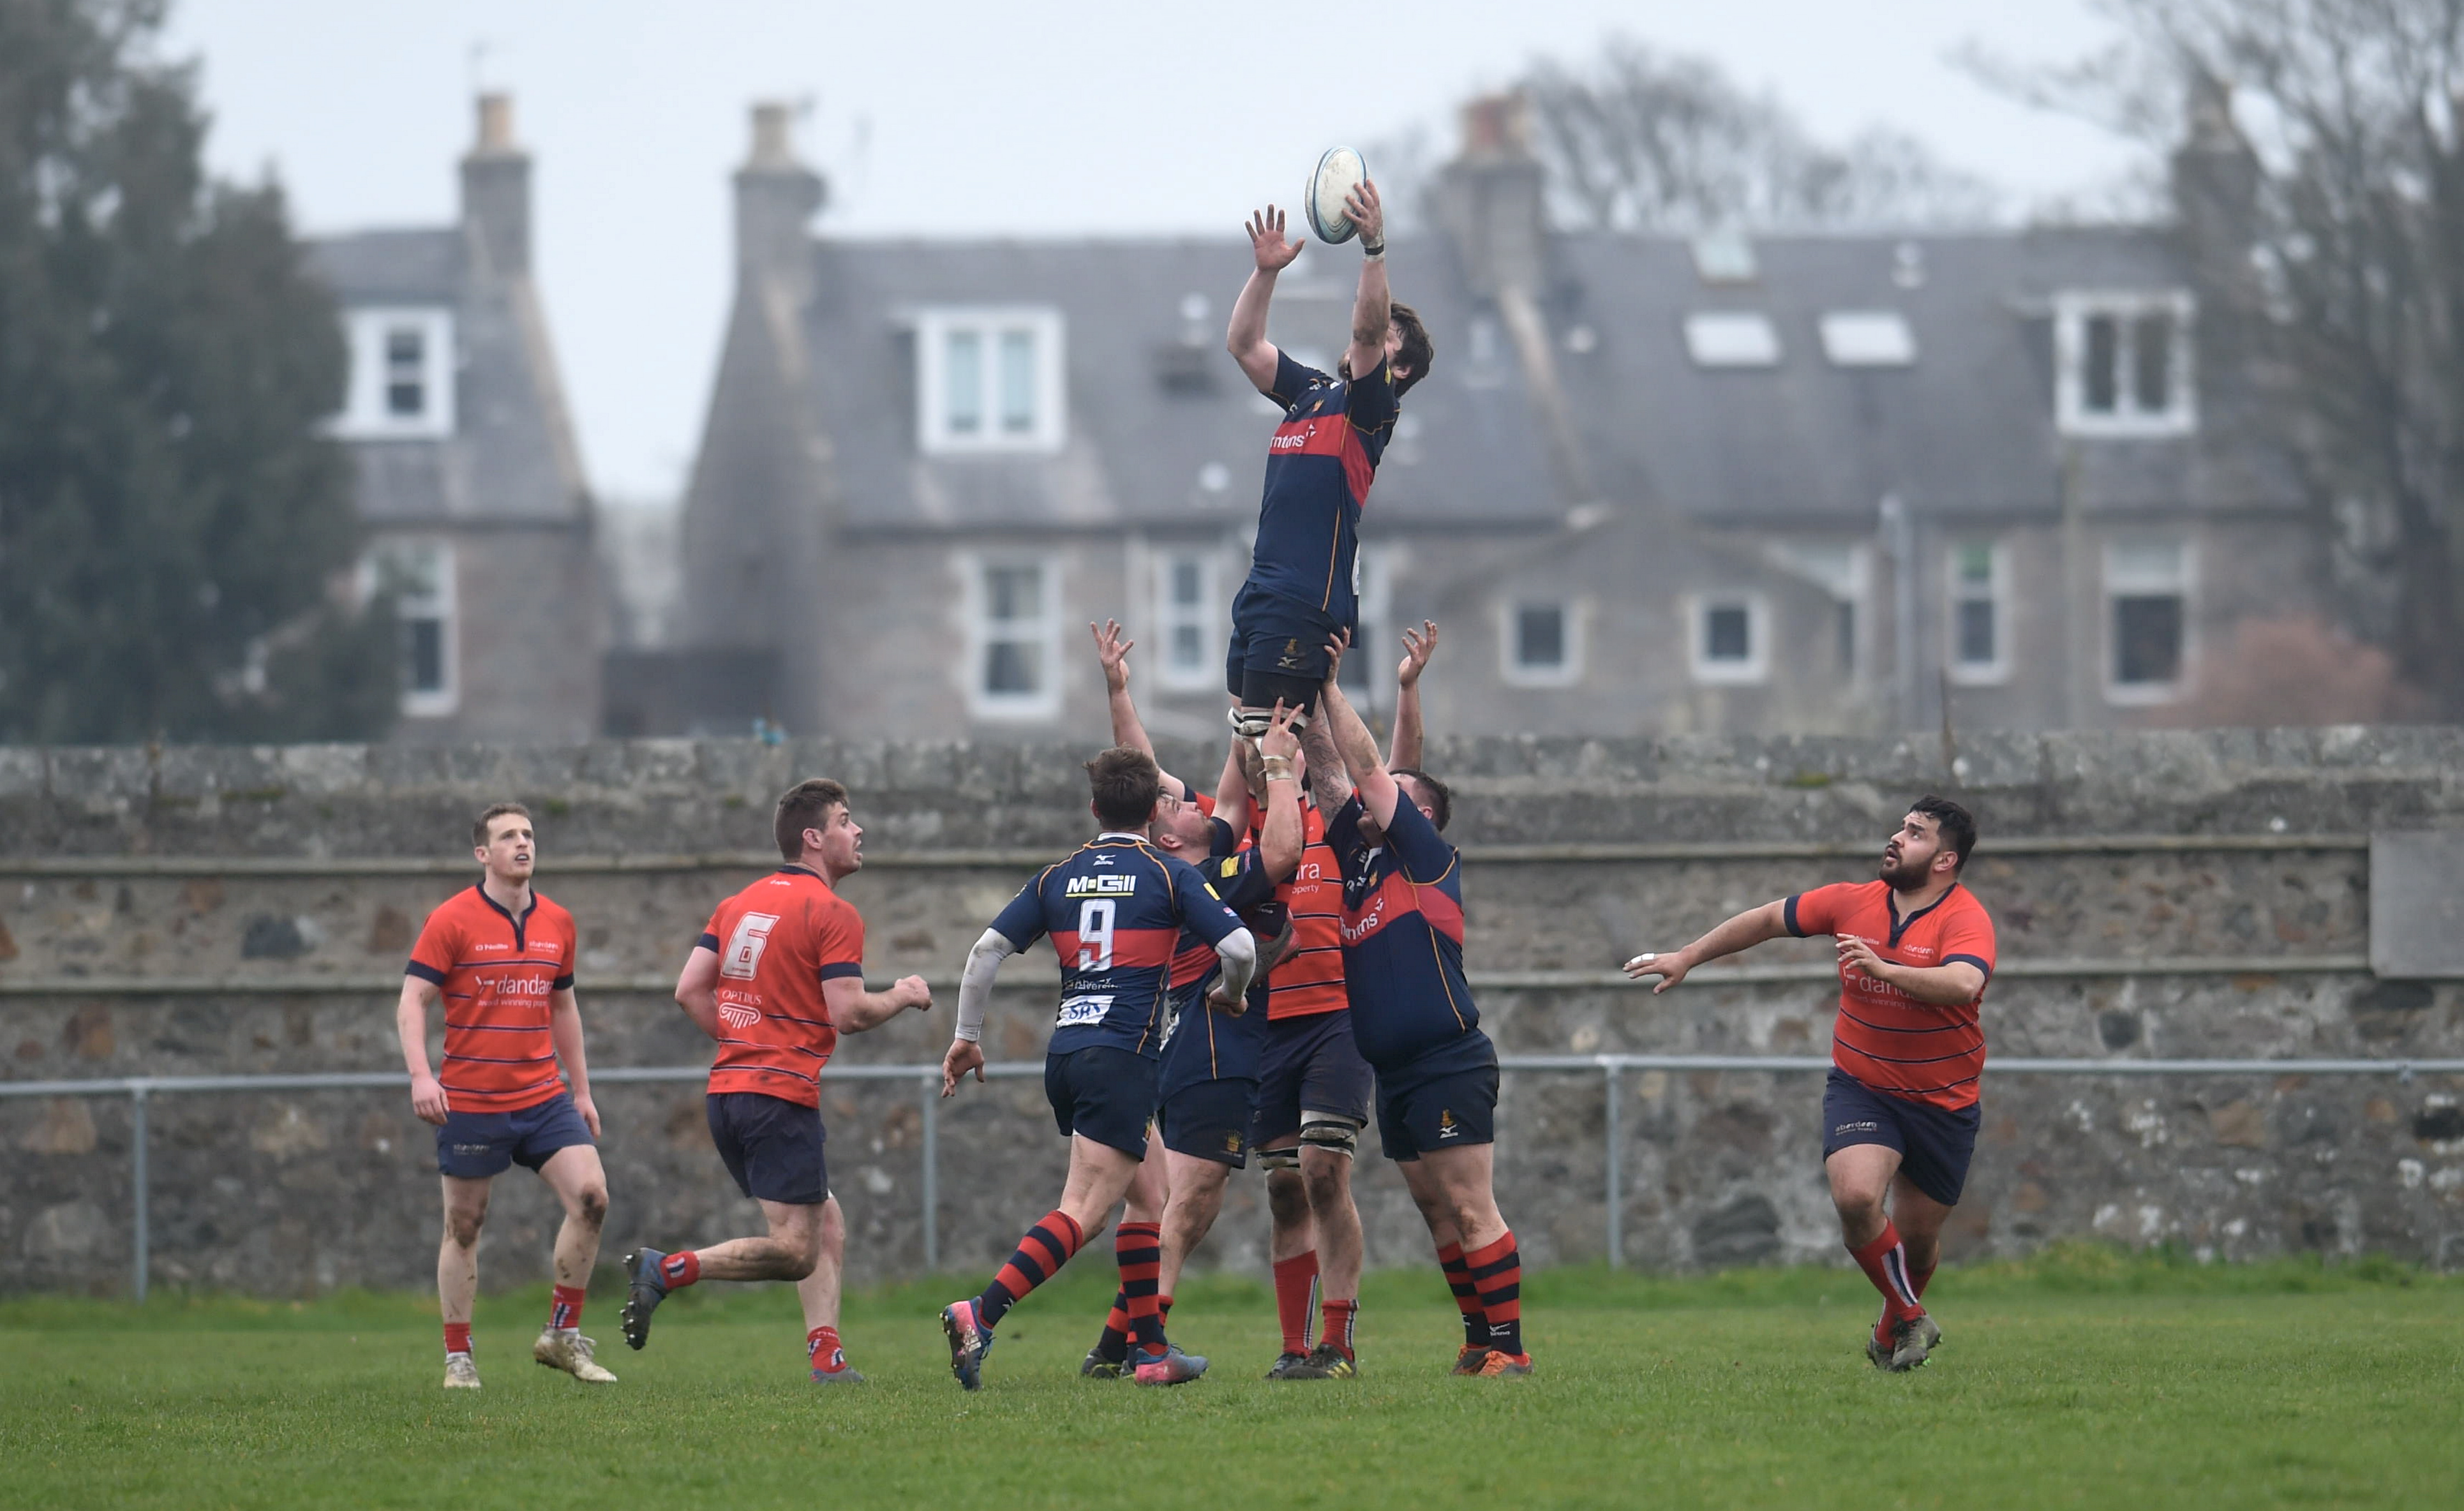 Aberdeen Grammar almost won the Scottish Premiership under Damian Reidy.